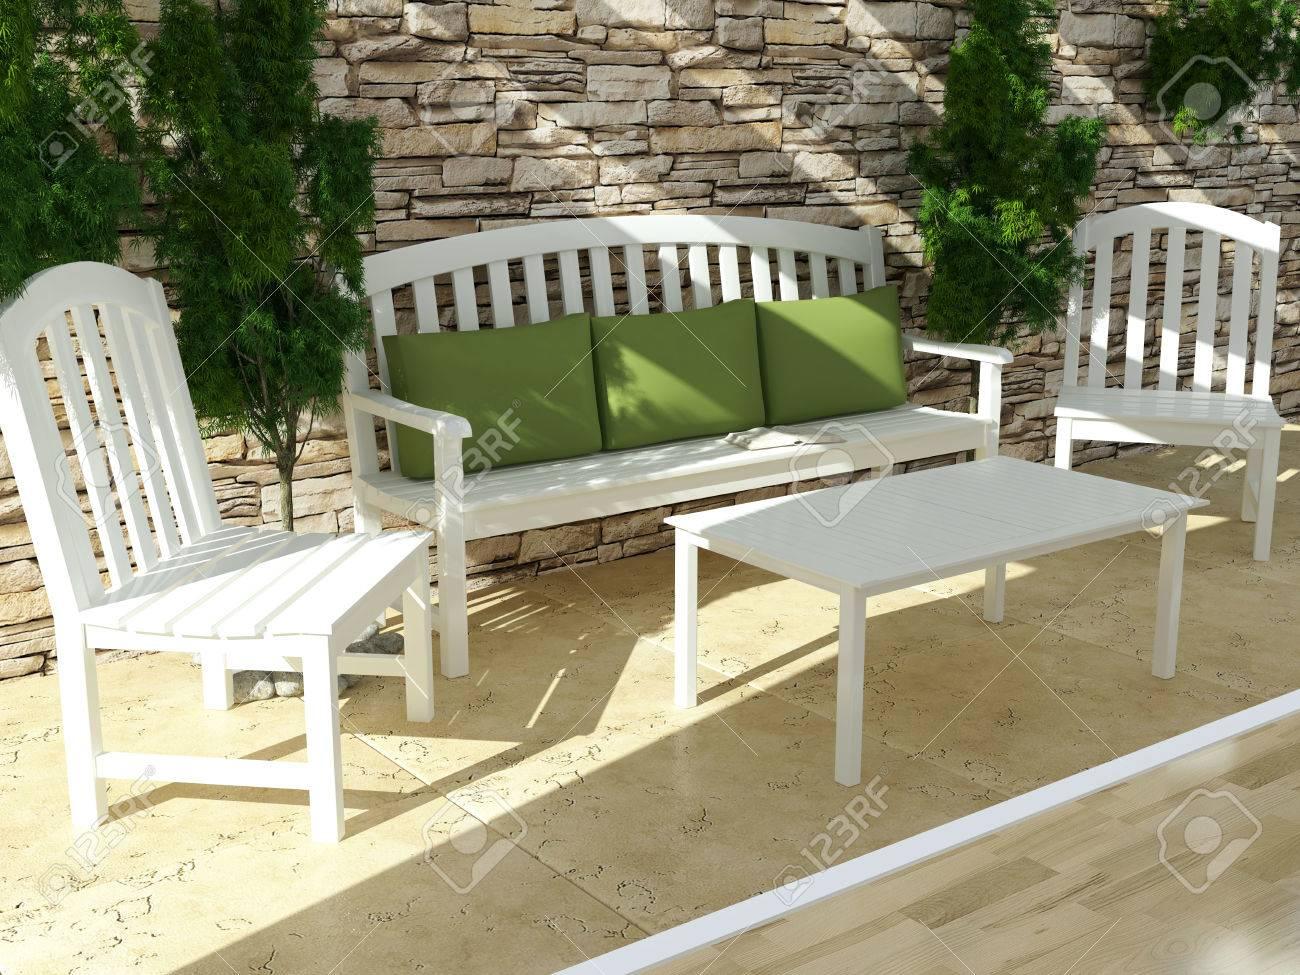 Hermosa Terraza Abierta Con Muebles De Madera Blanca Y Pared De Piedra De Diseño Exterior